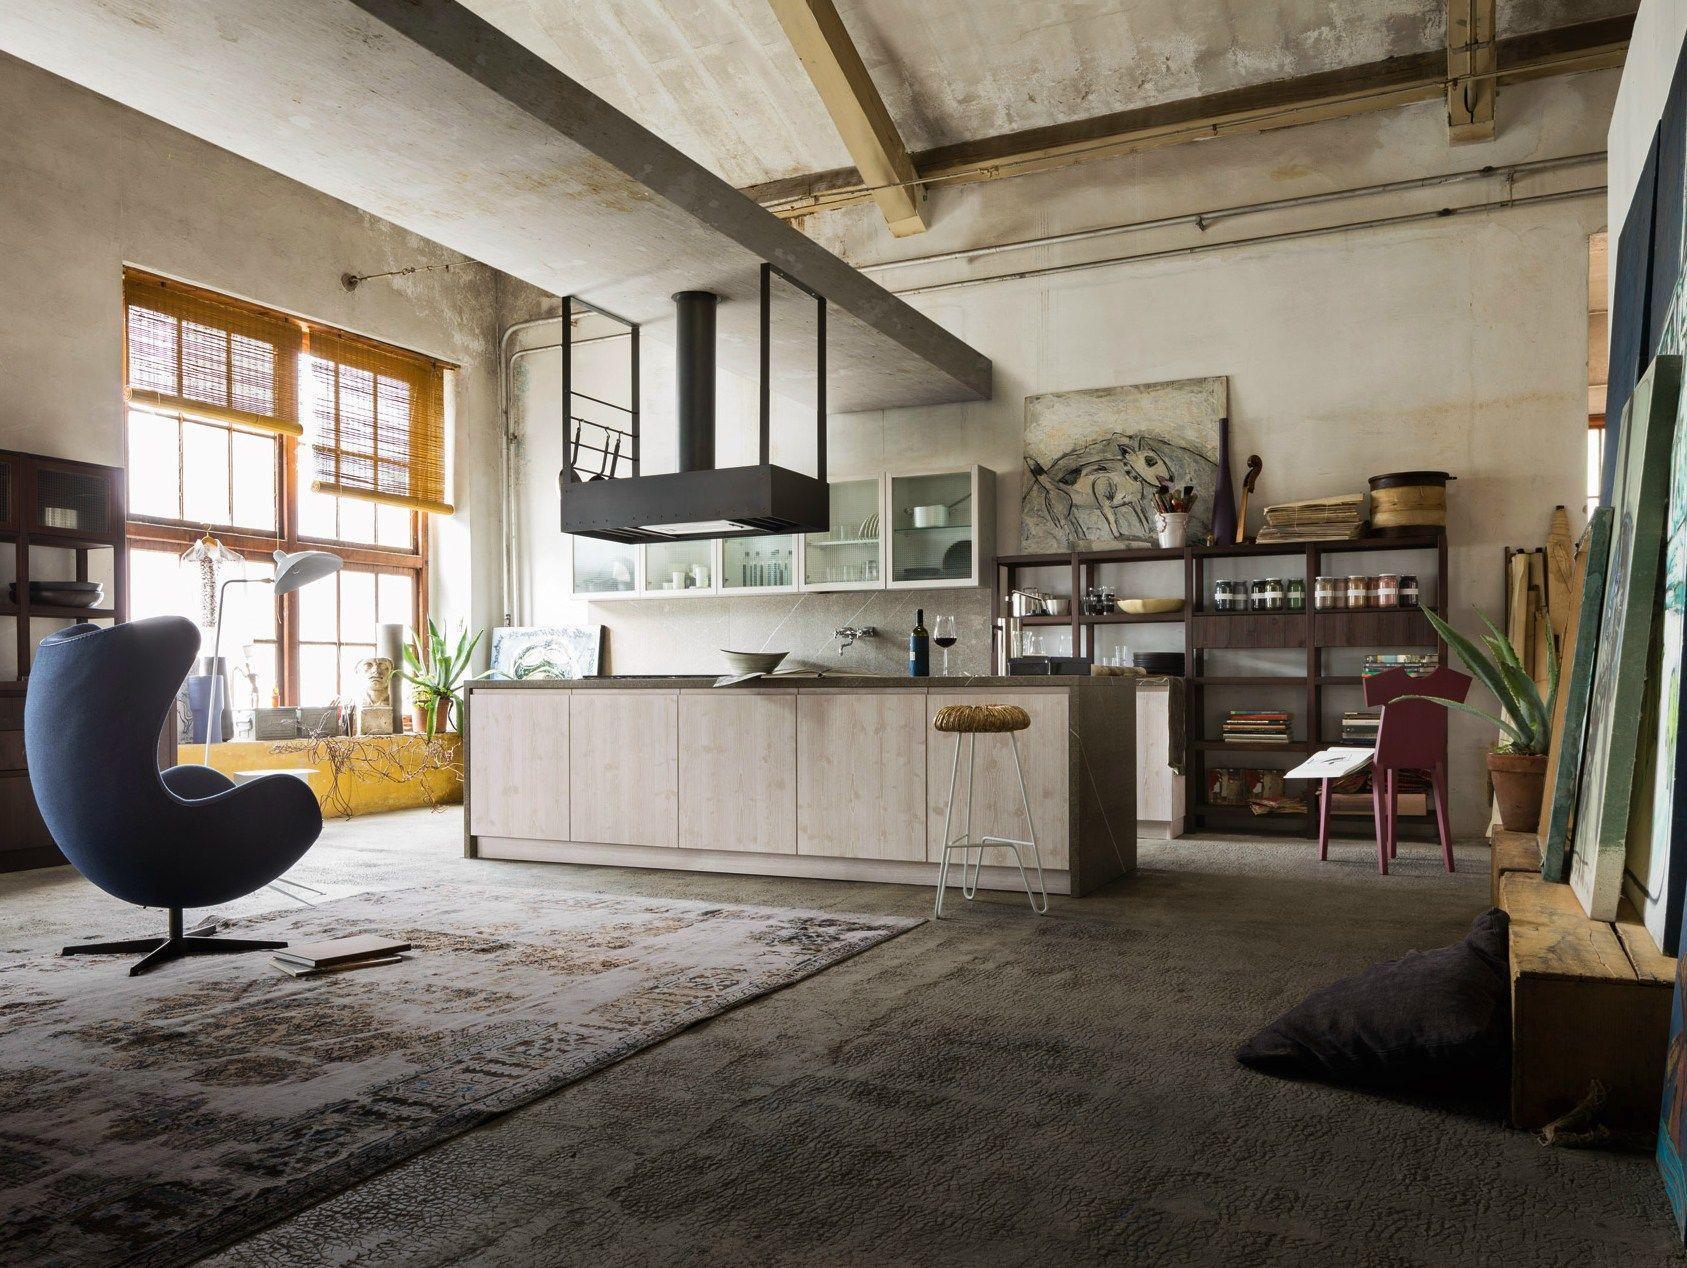 Cucina arredi accessori a vista with cucina arredi for Casa classica pesaro